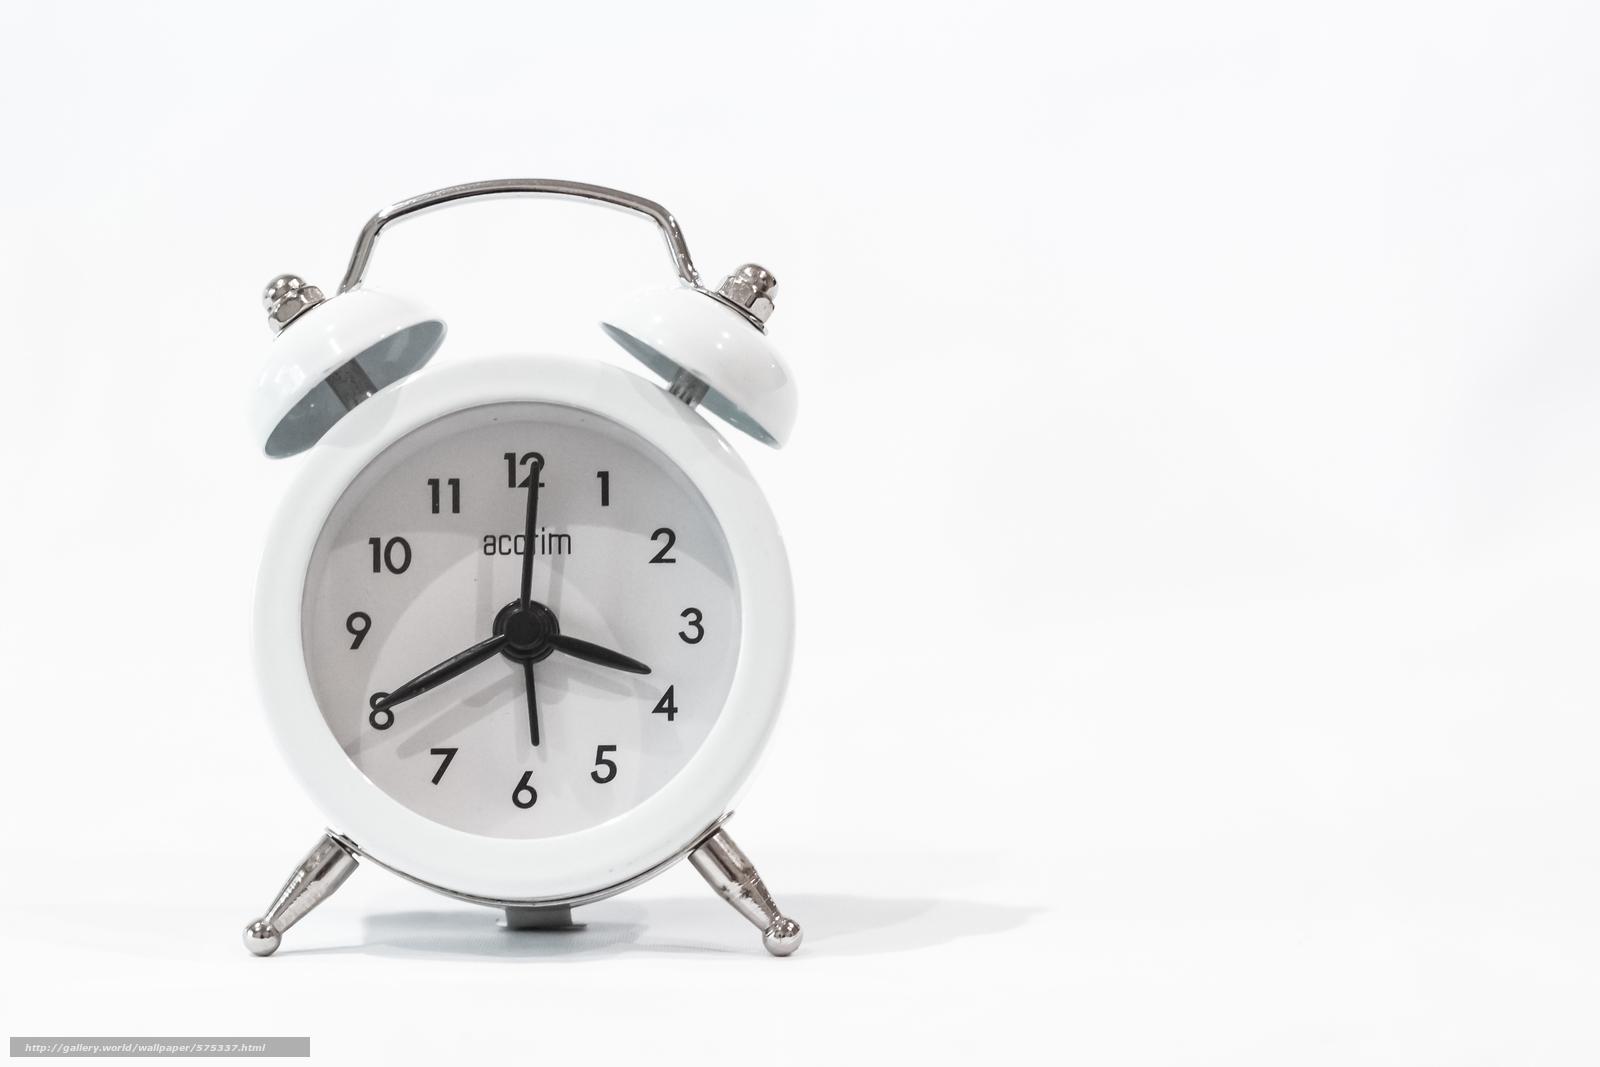 Скачать обои цифры,  стрелки,  будильник,  циферблат бесплатно для рабочего стола в разрешении 5145x3430 — картинка №575337